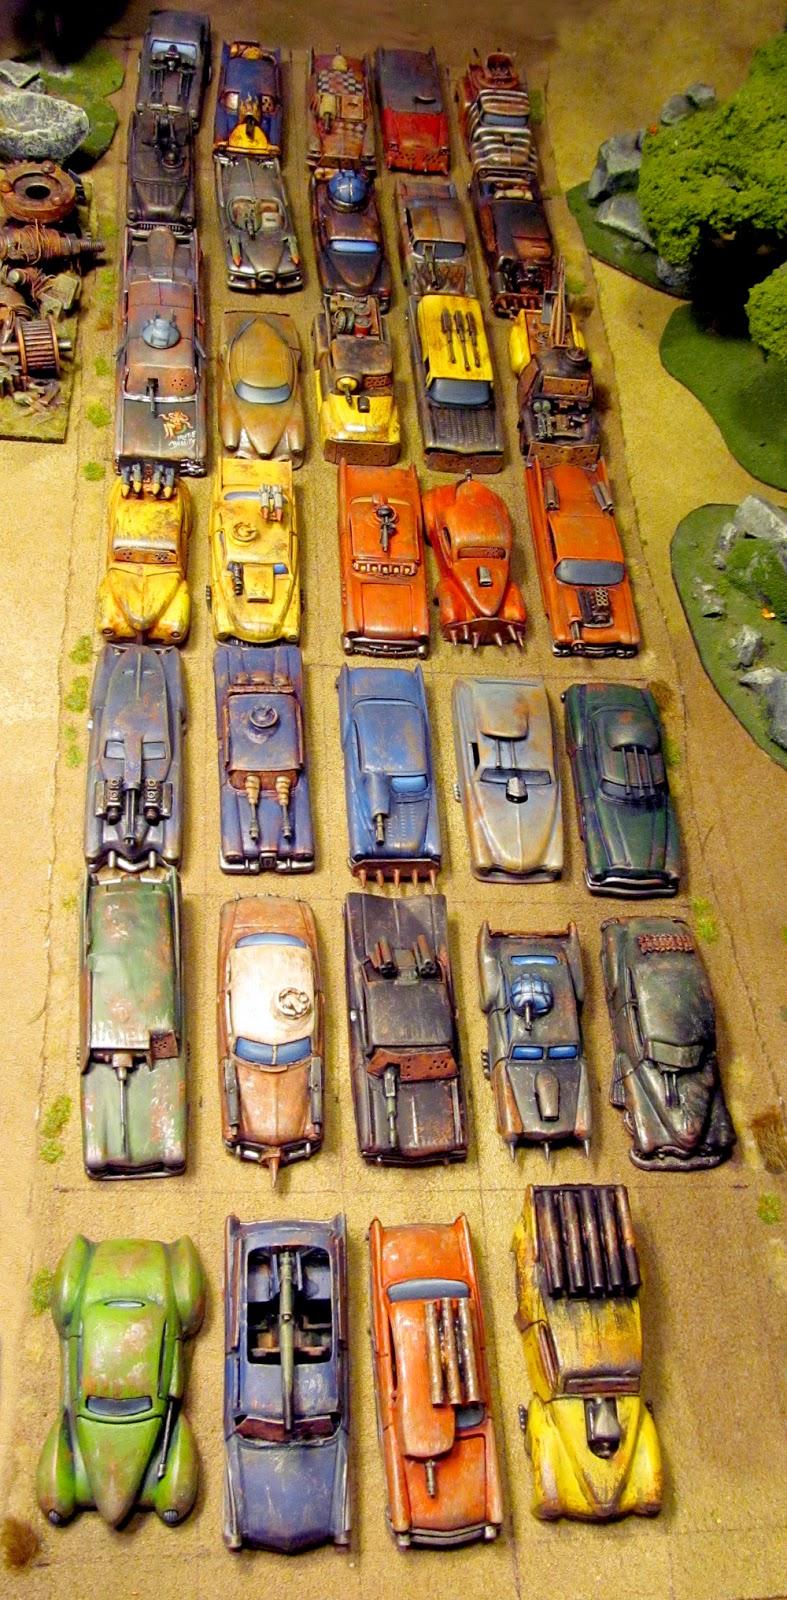 Cars+as+of+3-19-13.jpg